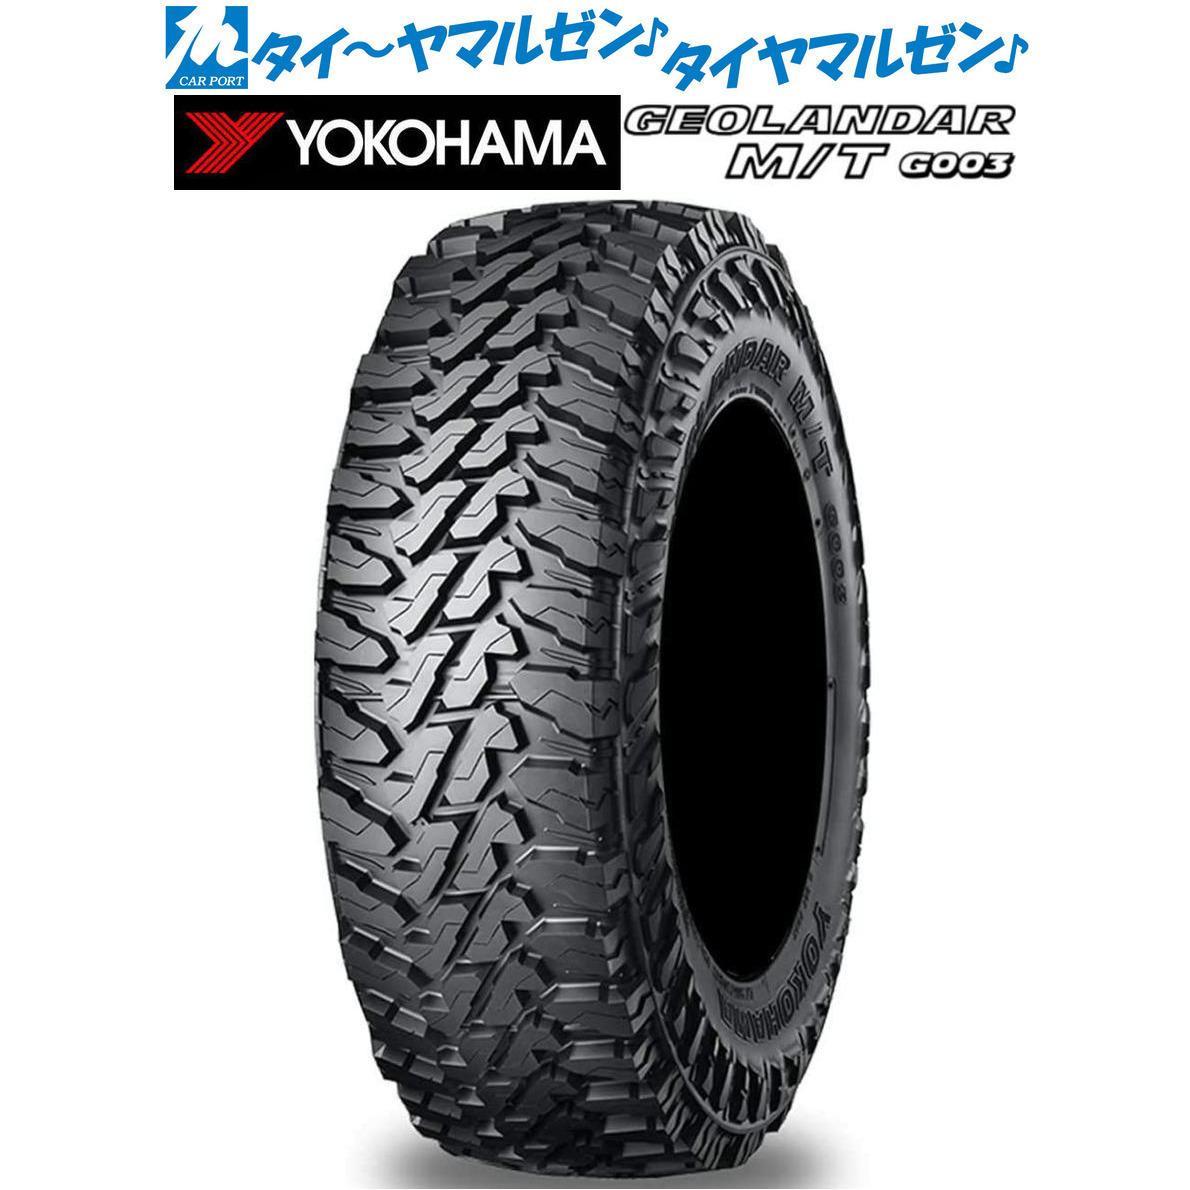 新品 185 85R16 サマータイヤ単品 新品サマータイヤ 送料無料 1本~4本 内祝い セット タイヤのみヨコハマ GEOLANDAR T 105 103 LT G003 割り引き M ジオランダー